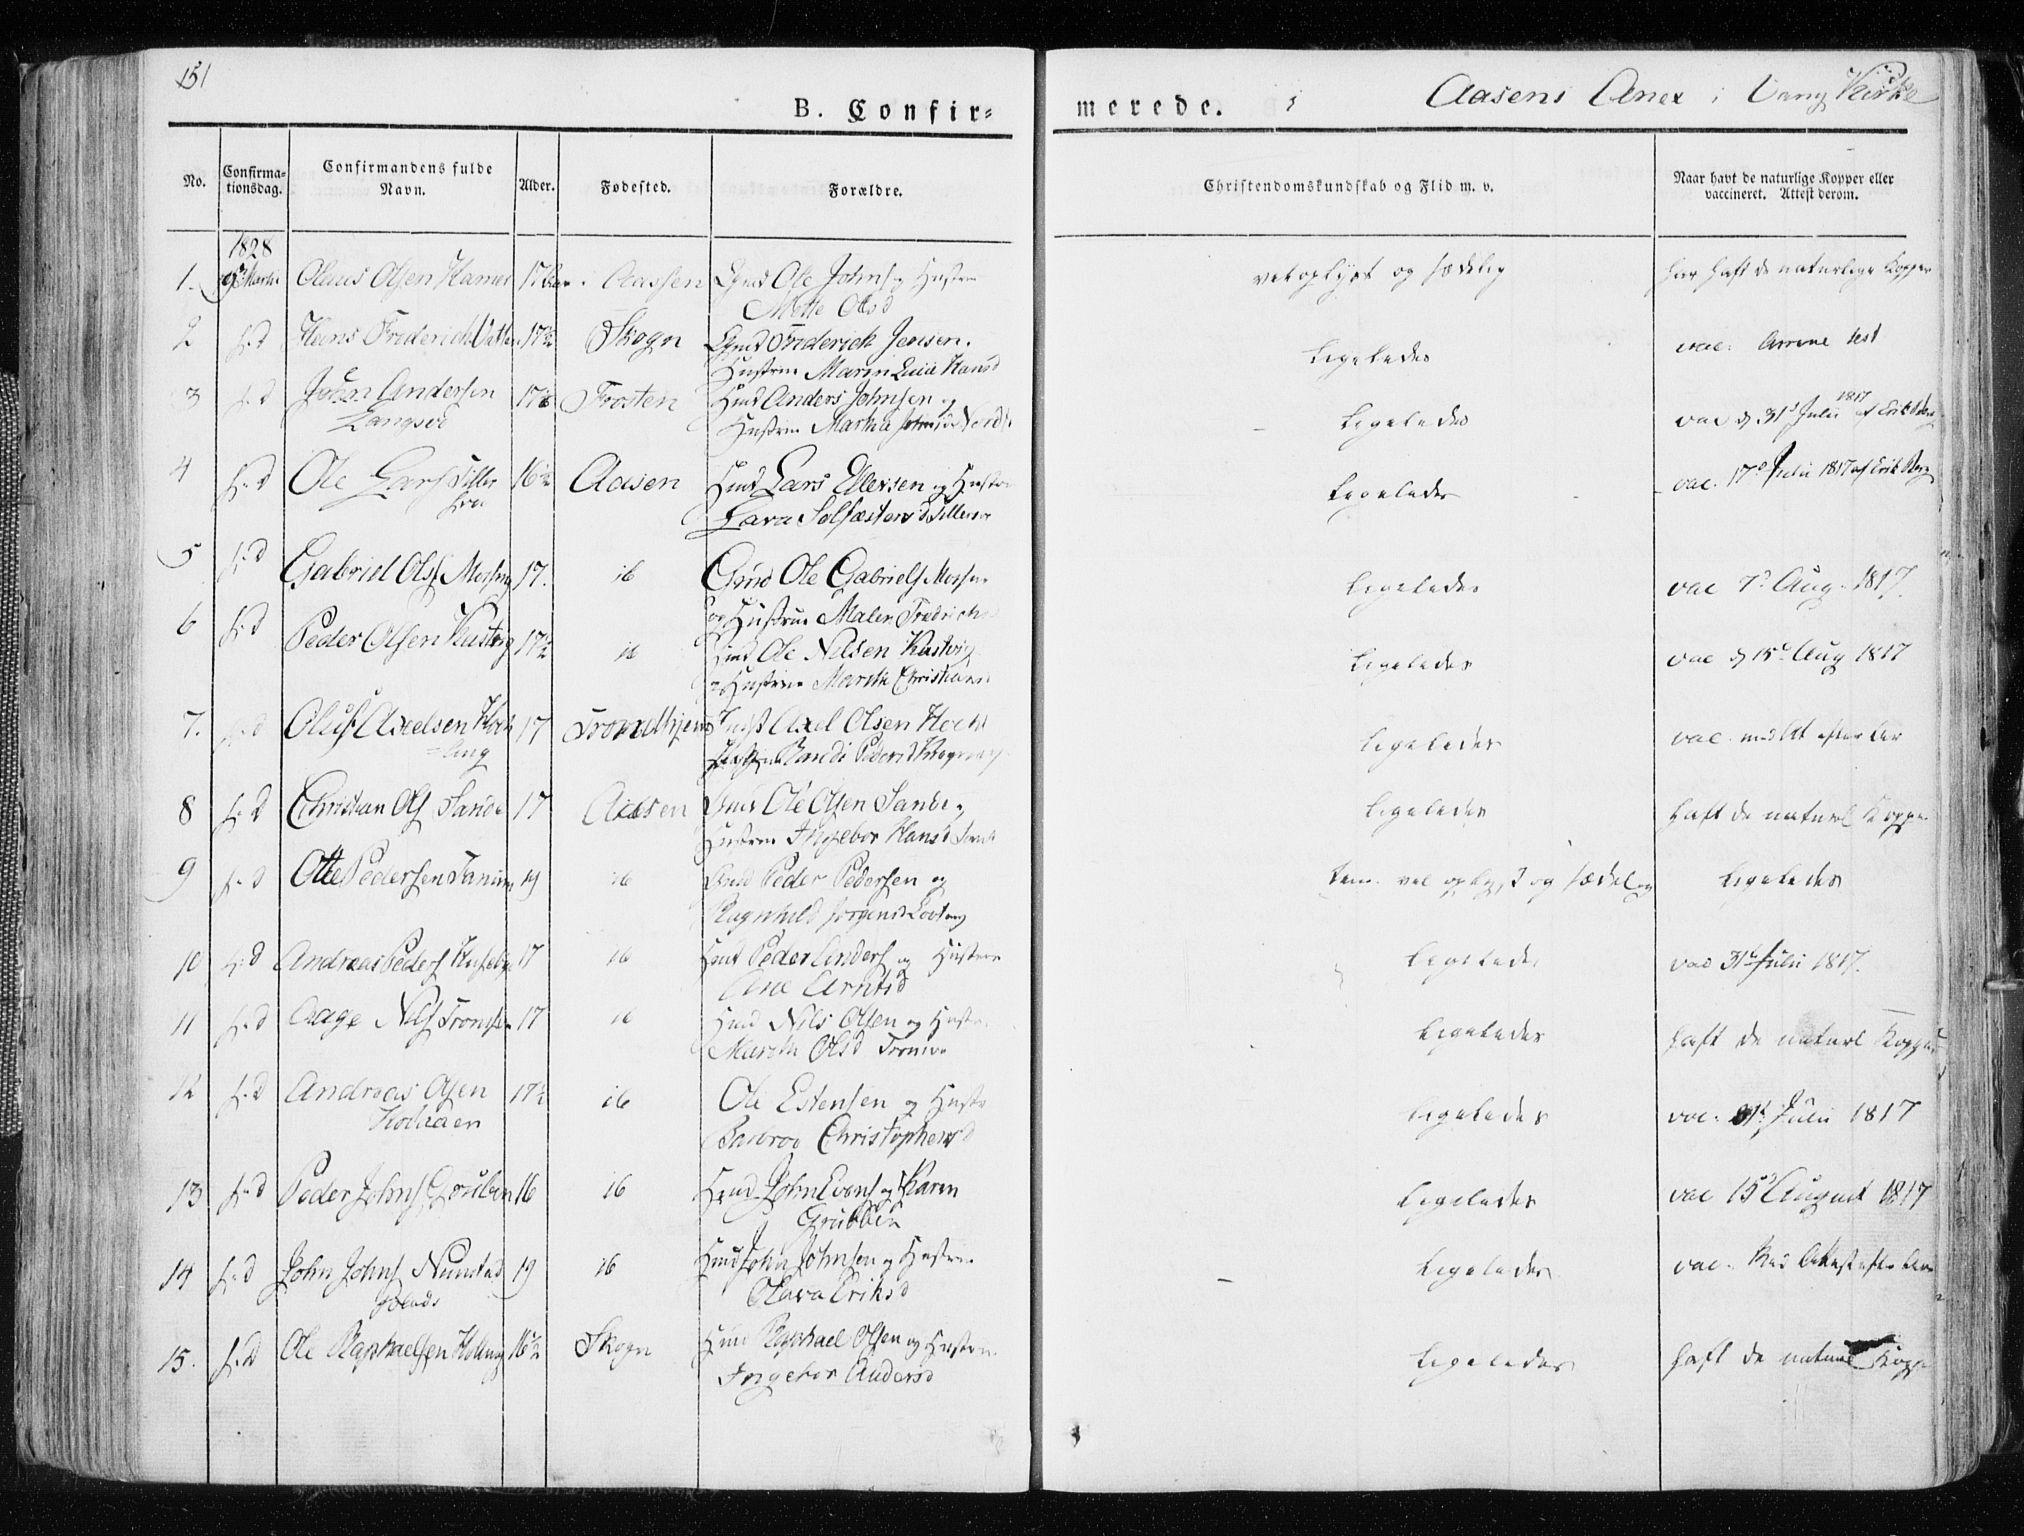 SAT, Ministerialprotokoller, klokkerbøker og fødselsregistre - Nord-Trøndelag, 713/L0114: Ministerialbok nr. 713A05, 1827-1839, s. 151